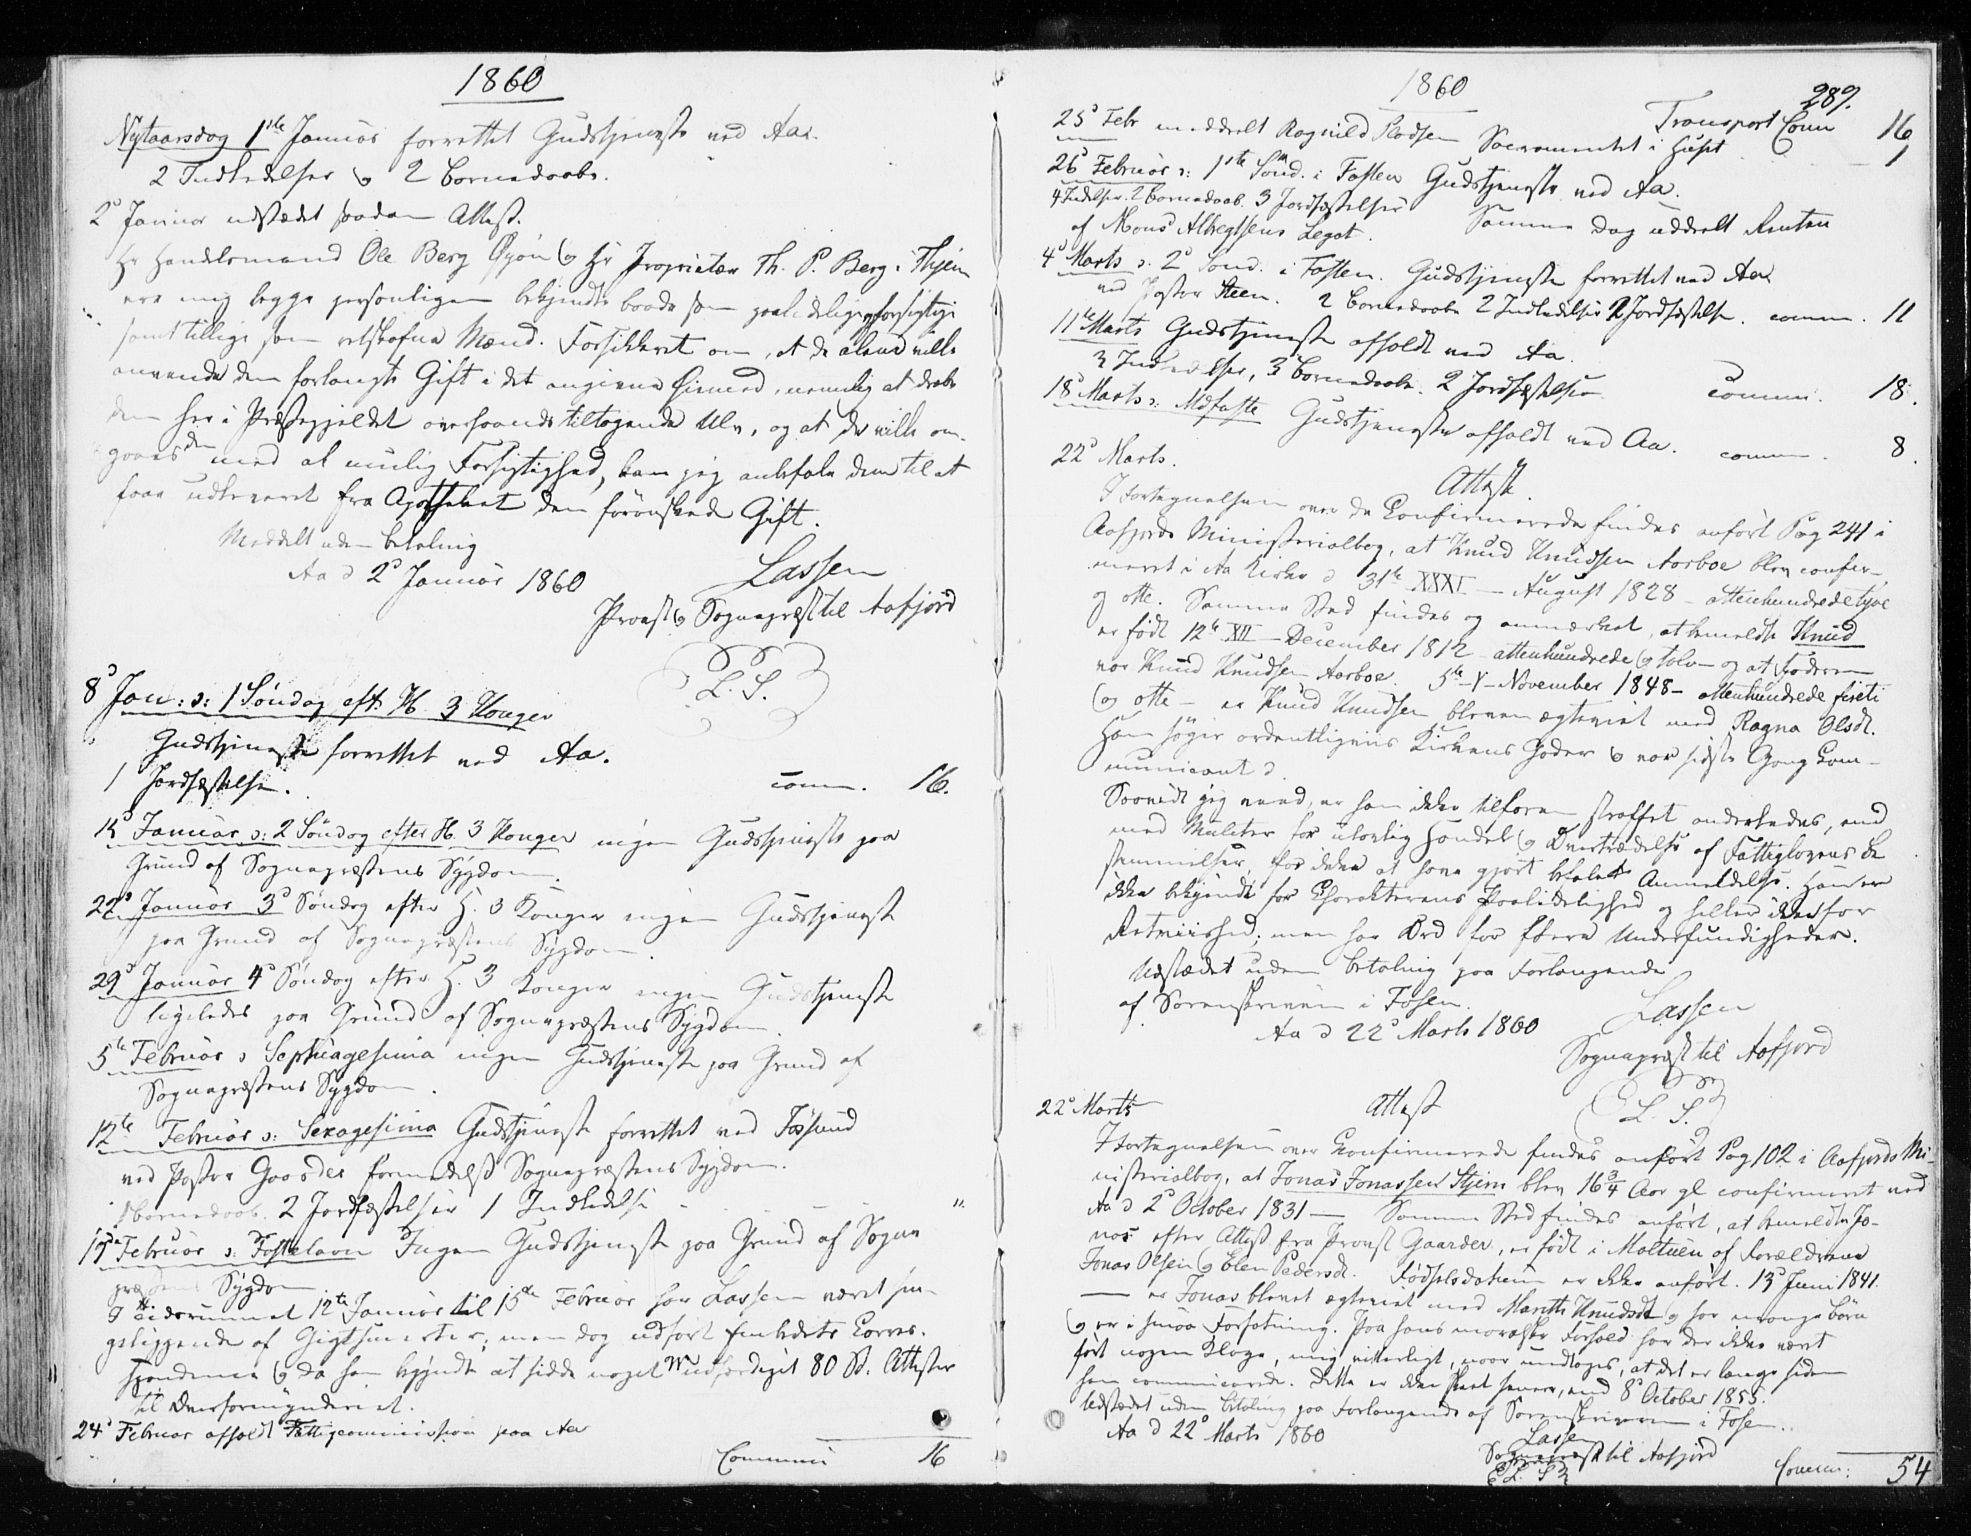 SAT, Ministerialprotokoller, klokkerbøker og fødselsregistre - Sør-Trøndelag, 655/L0677: Ministerialbok nr. 655A06, 1847-1860, s. 289